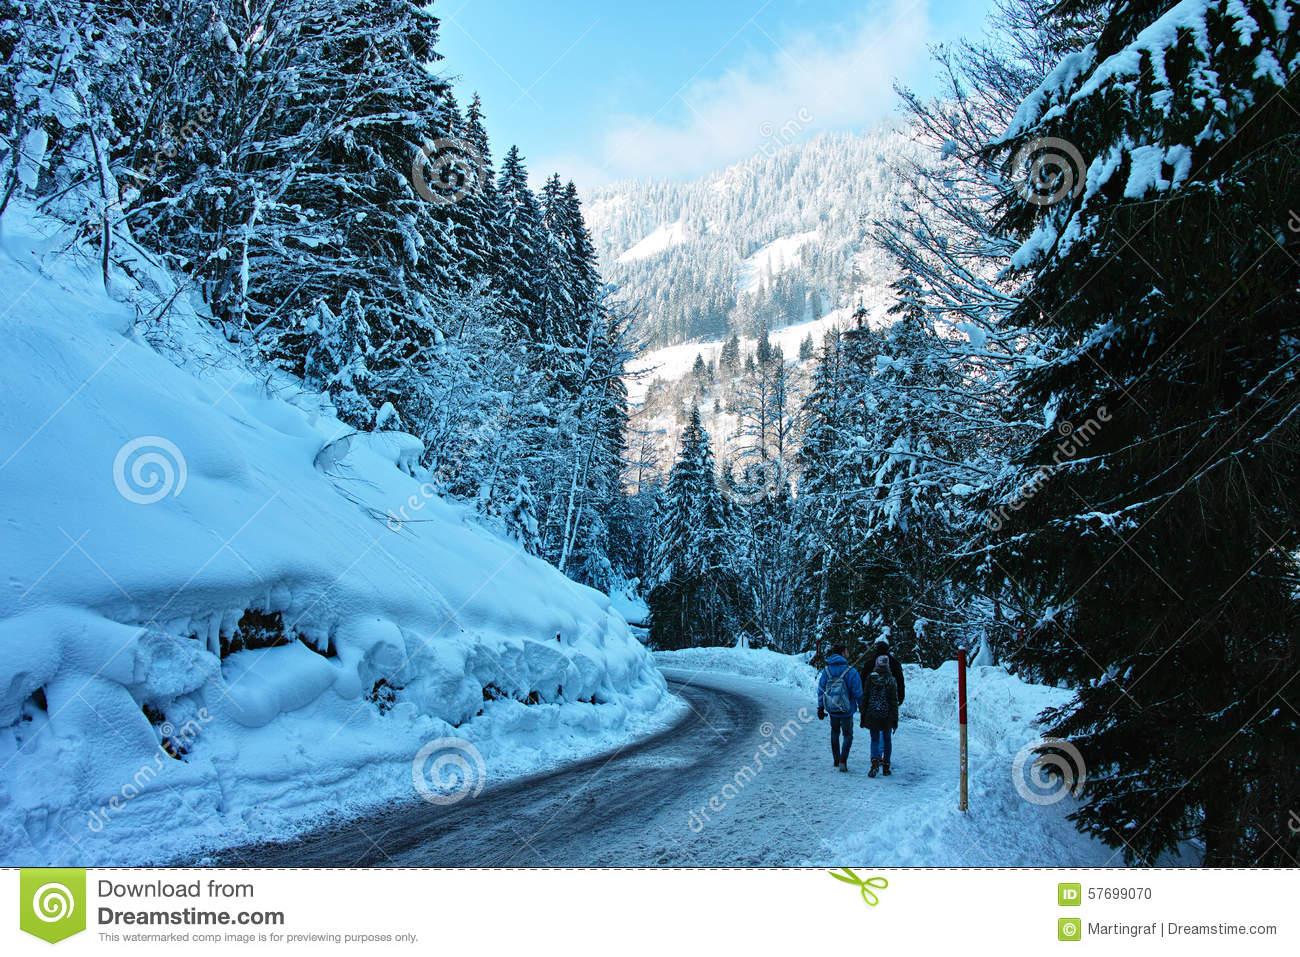 Walking On Slippery Road In Snowy Alpine Landscape Stock Photo.